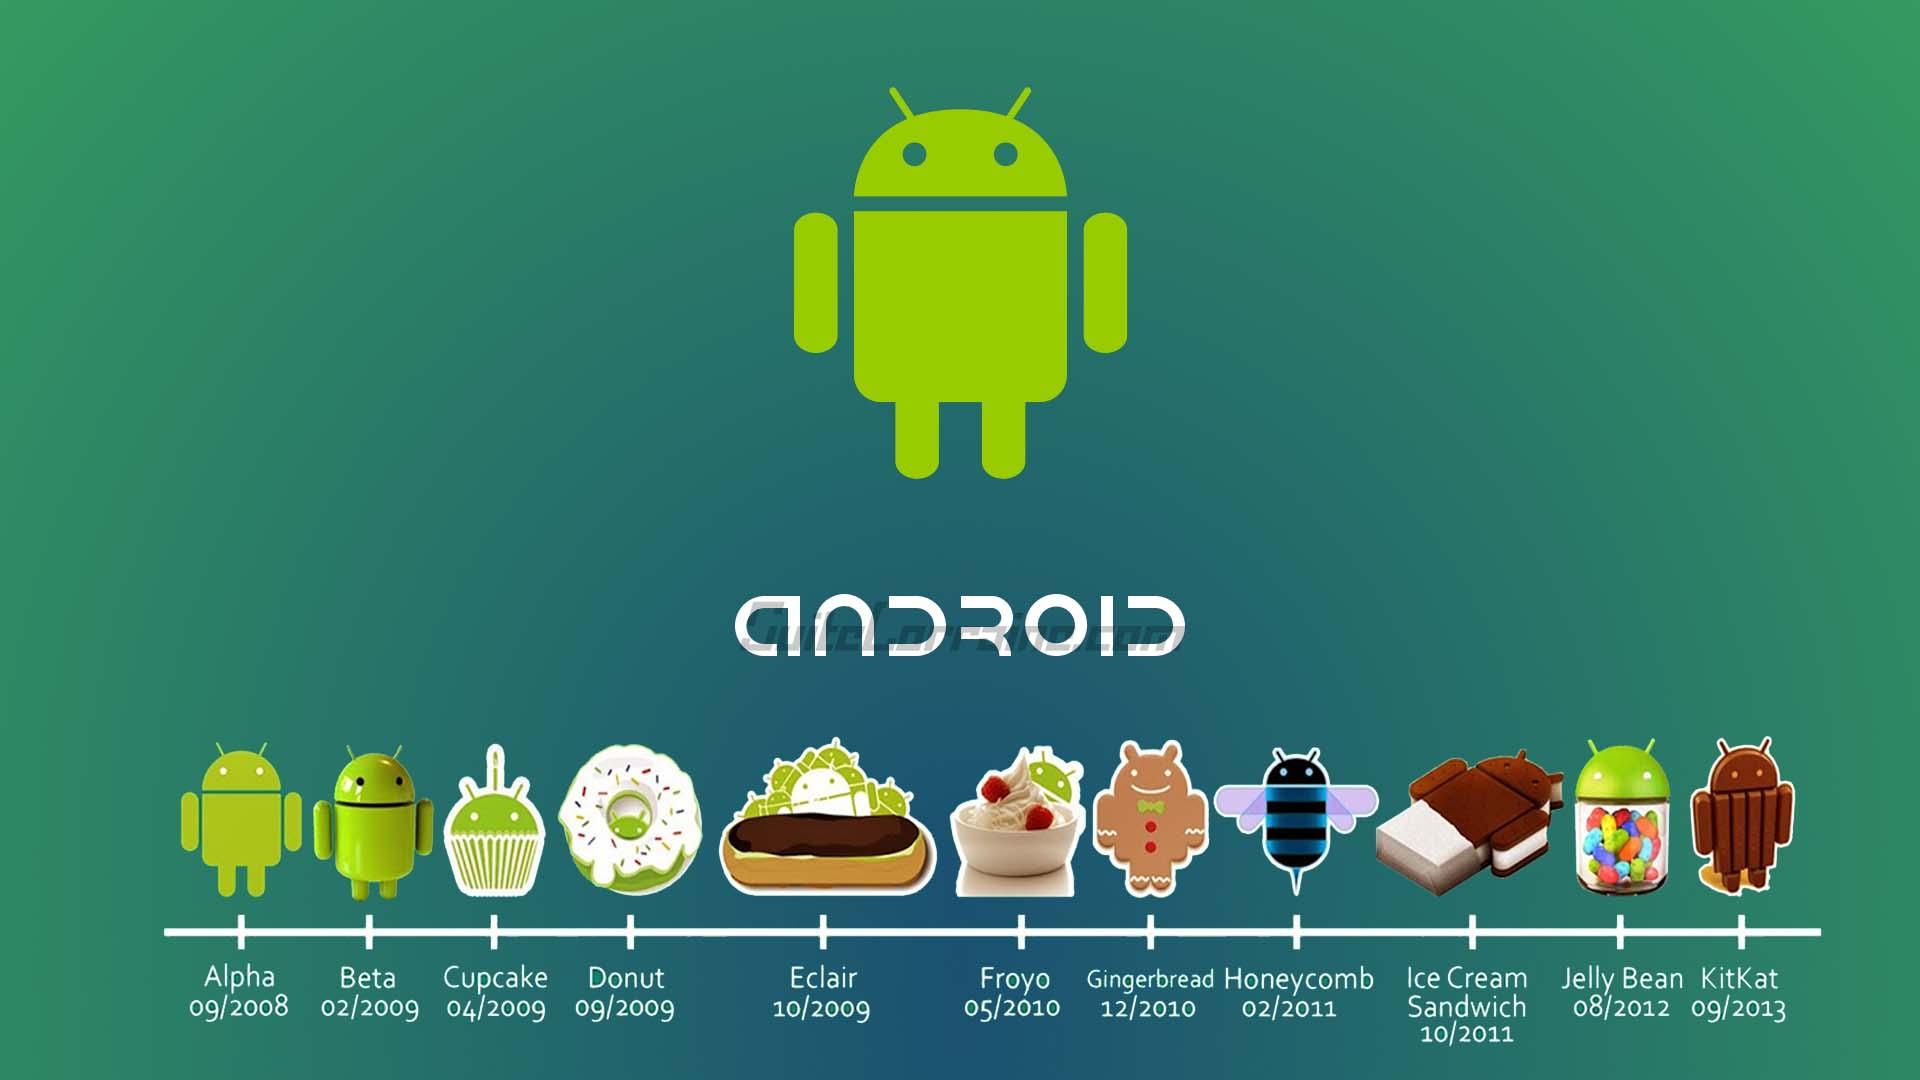 Sejarah Android dan Versi Android dari Awal Hingga Kini